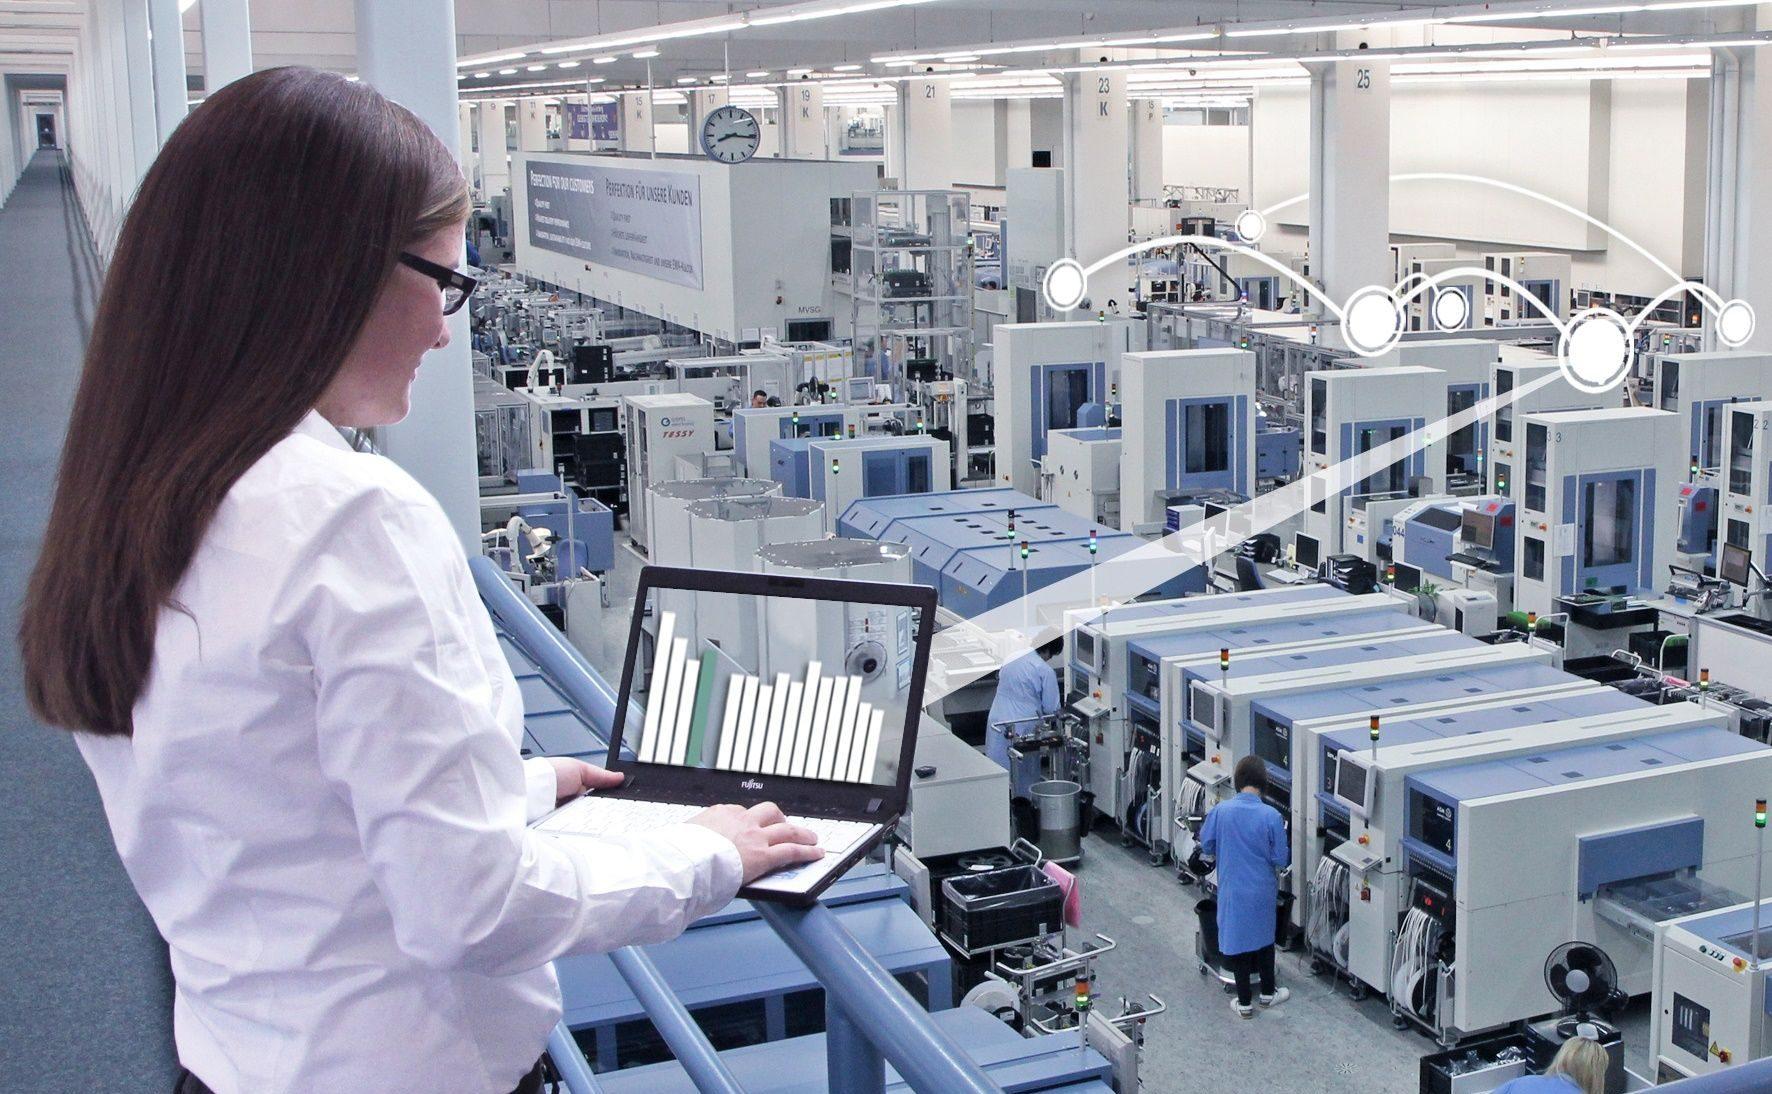 Дигитализация в сектора на машиностроенето: ключът към подобряване на продуктивността и ефективността